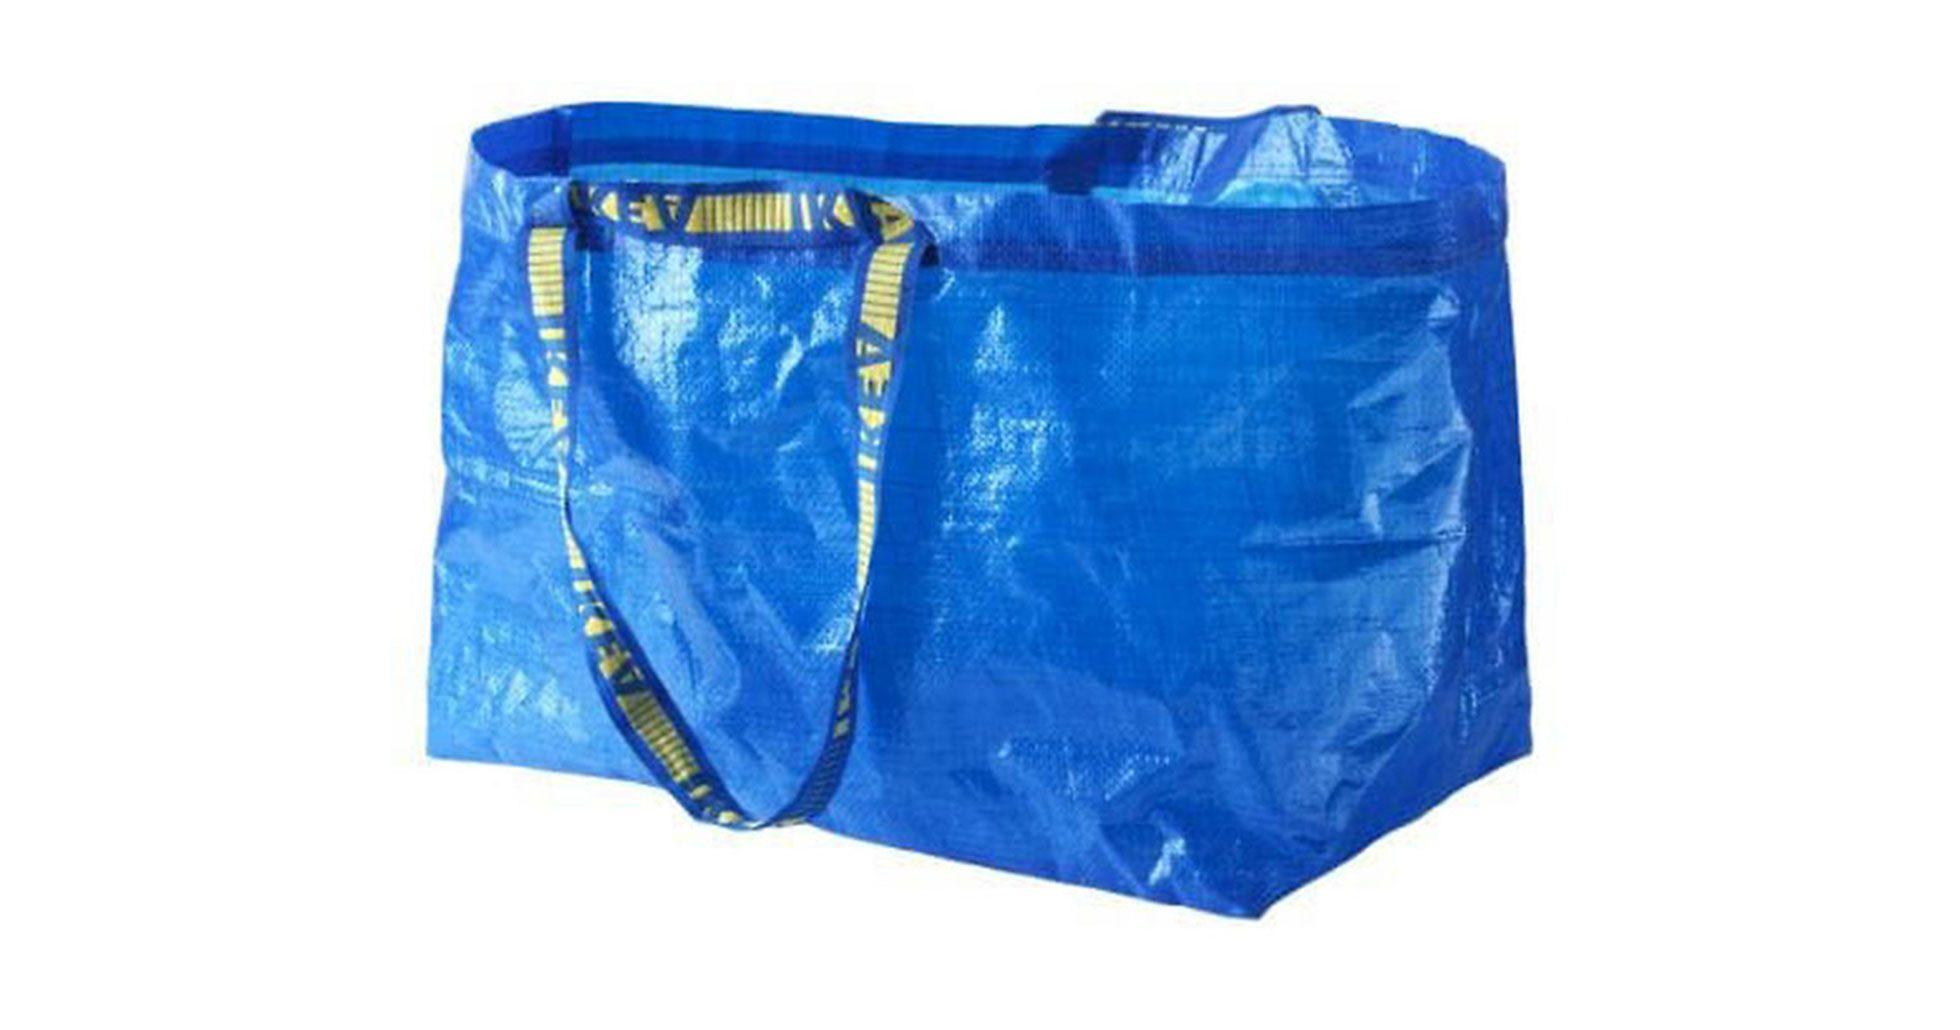 Ikeas klassiska blåa bärkasse Frakta